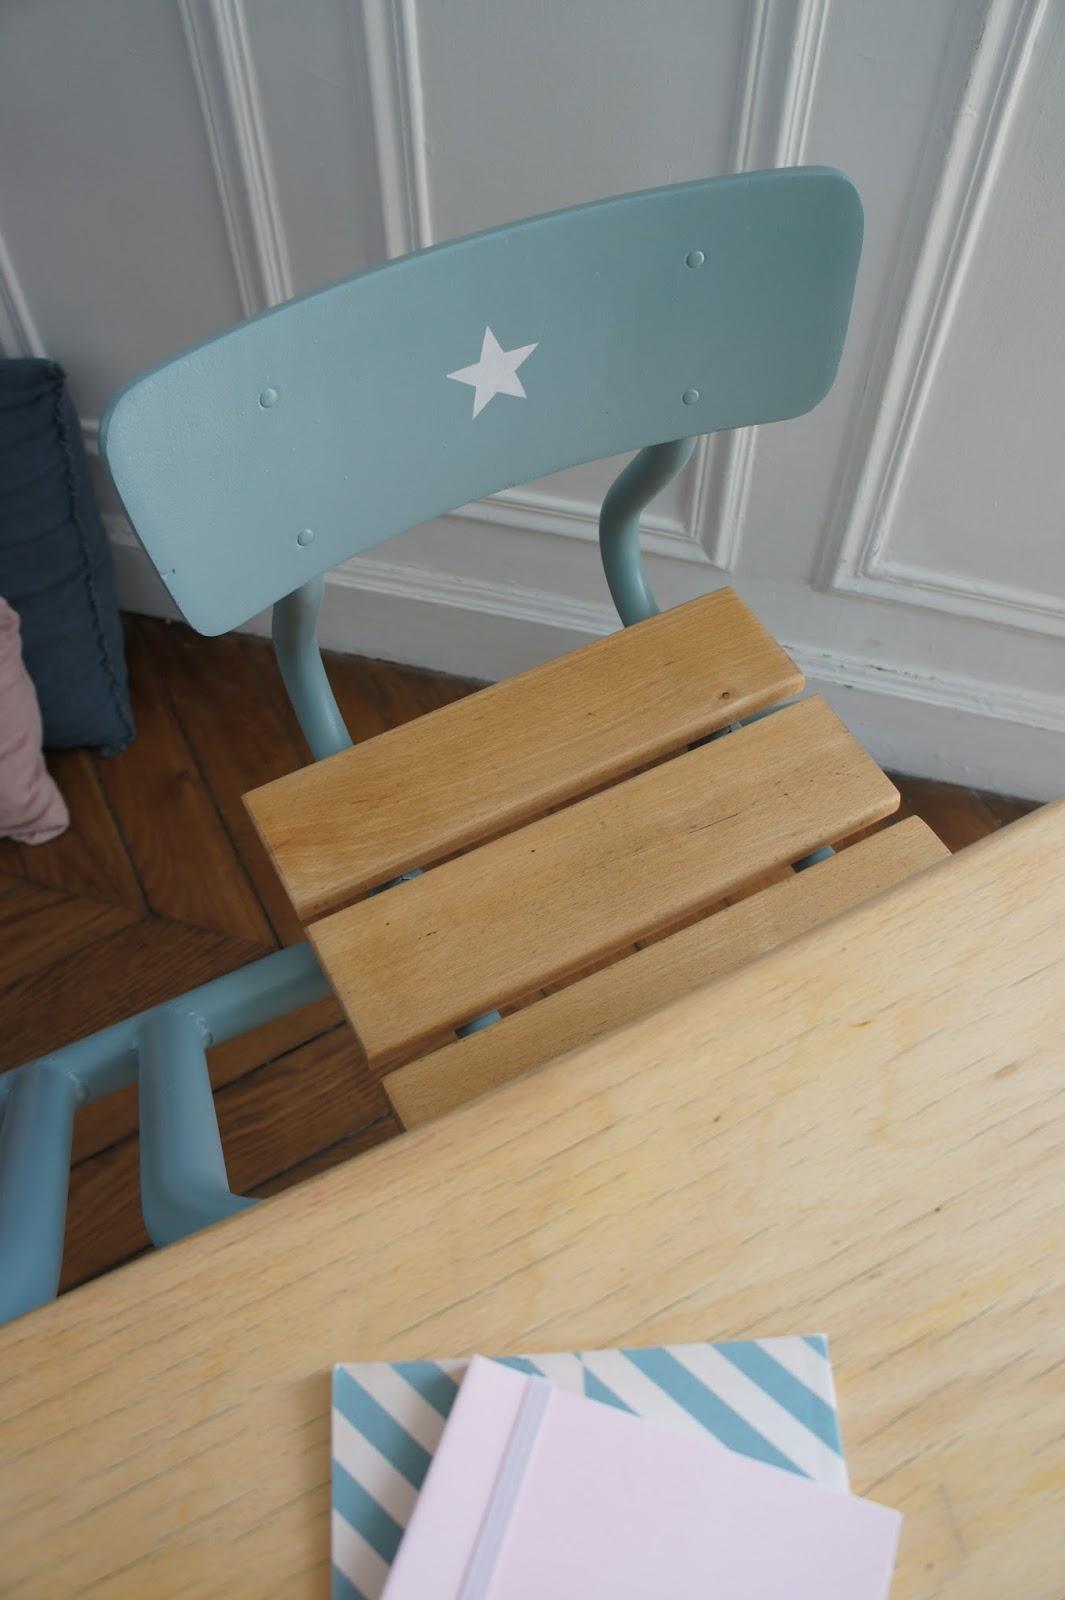 atelier petit toit le pupitre vintage de joseph et jeanne. Black Bedroom Furniture Sets. Home Design Ideas